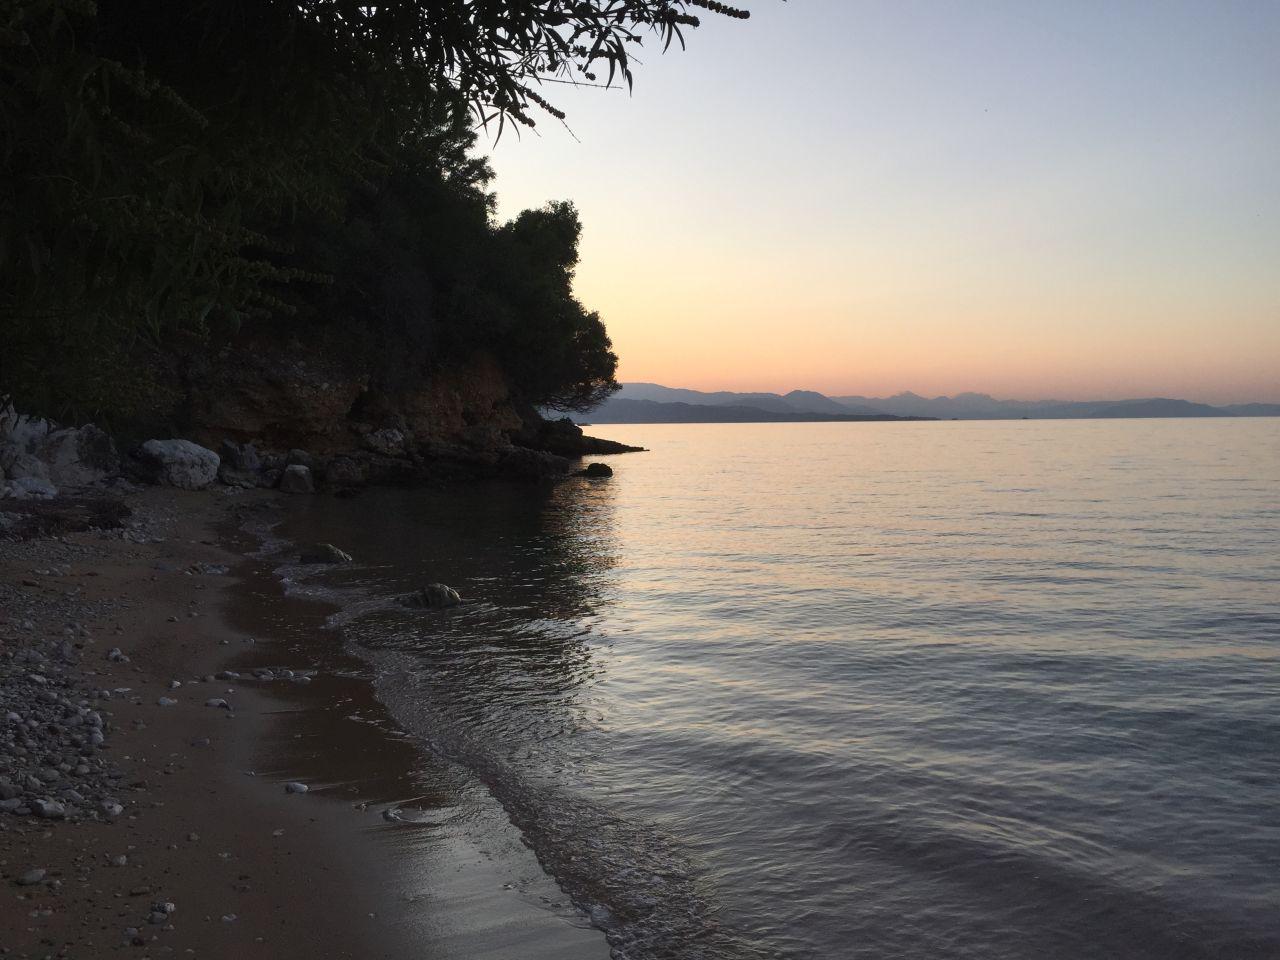 Plaja mea mica